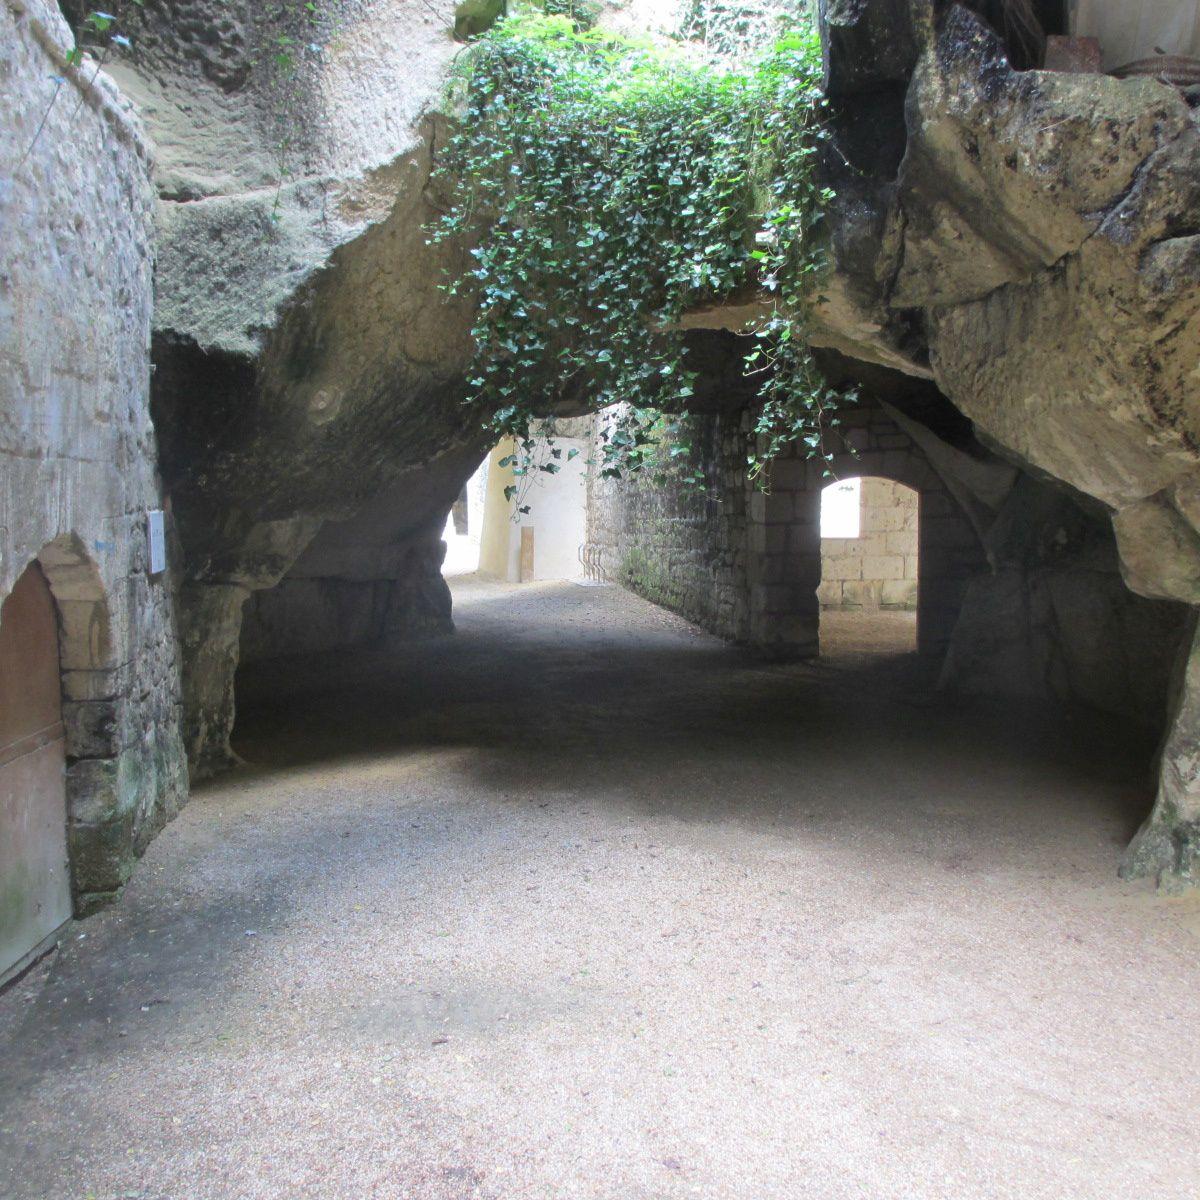 Outre le décor remarquable, le site propose une table, de l'eau et des sanitaires. L'entrée est libre.